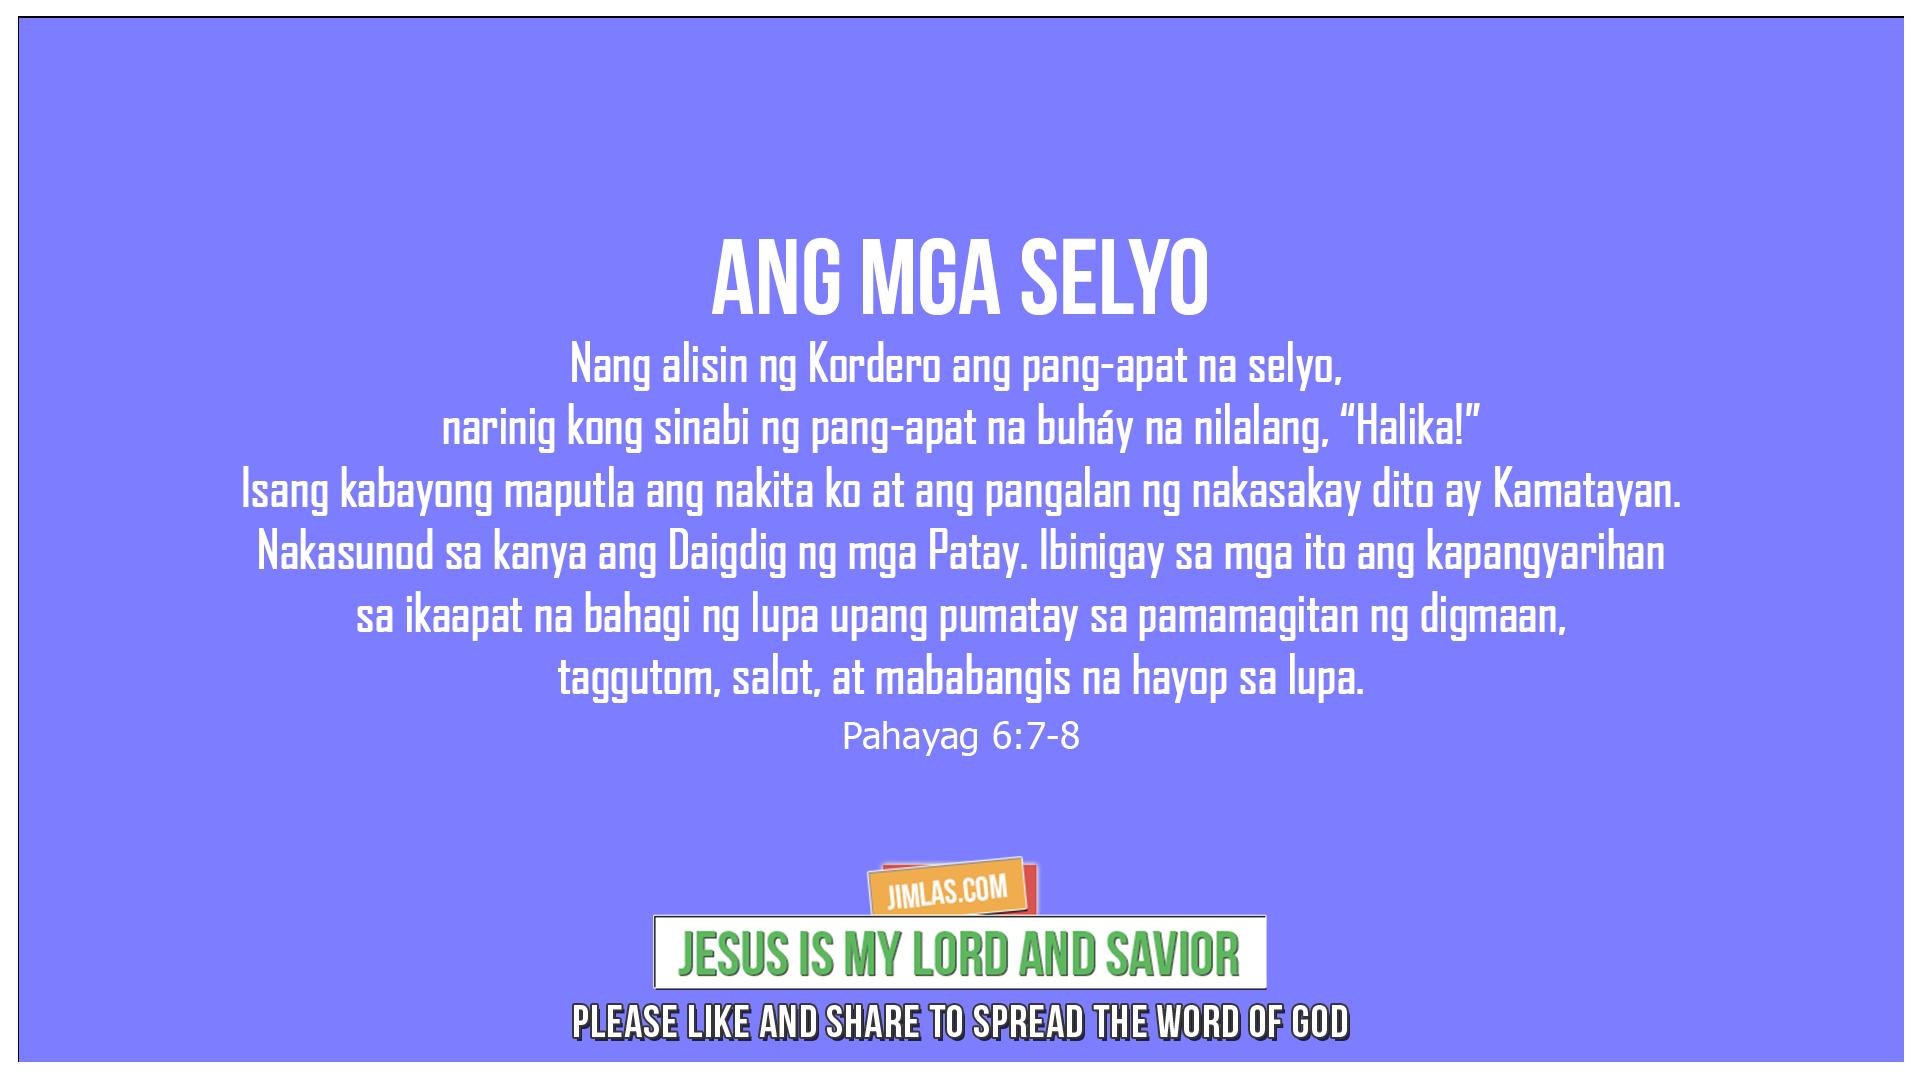 Pahayag 6:7-8, Pahayag 6:7-8